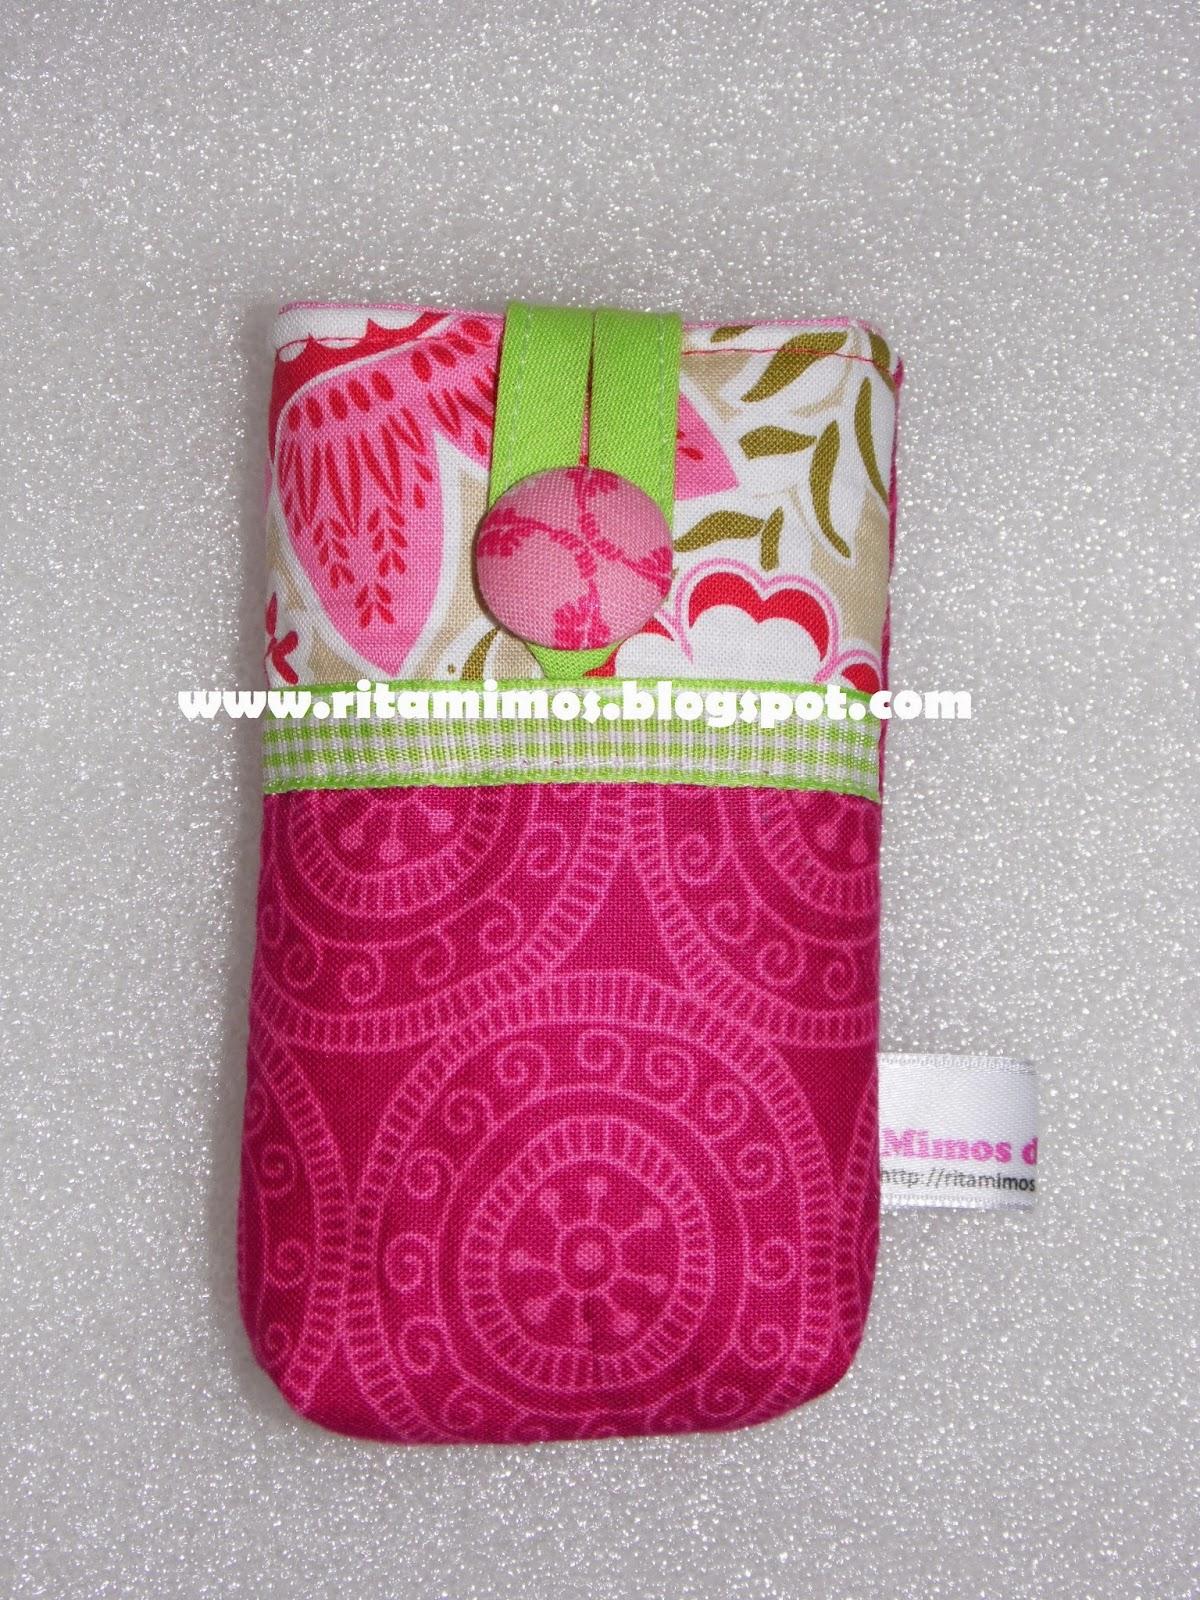 Bolsa Em Tecido Para Telemovel : Mimos da rita bolsa de telem?vel em tecido verde e rosa